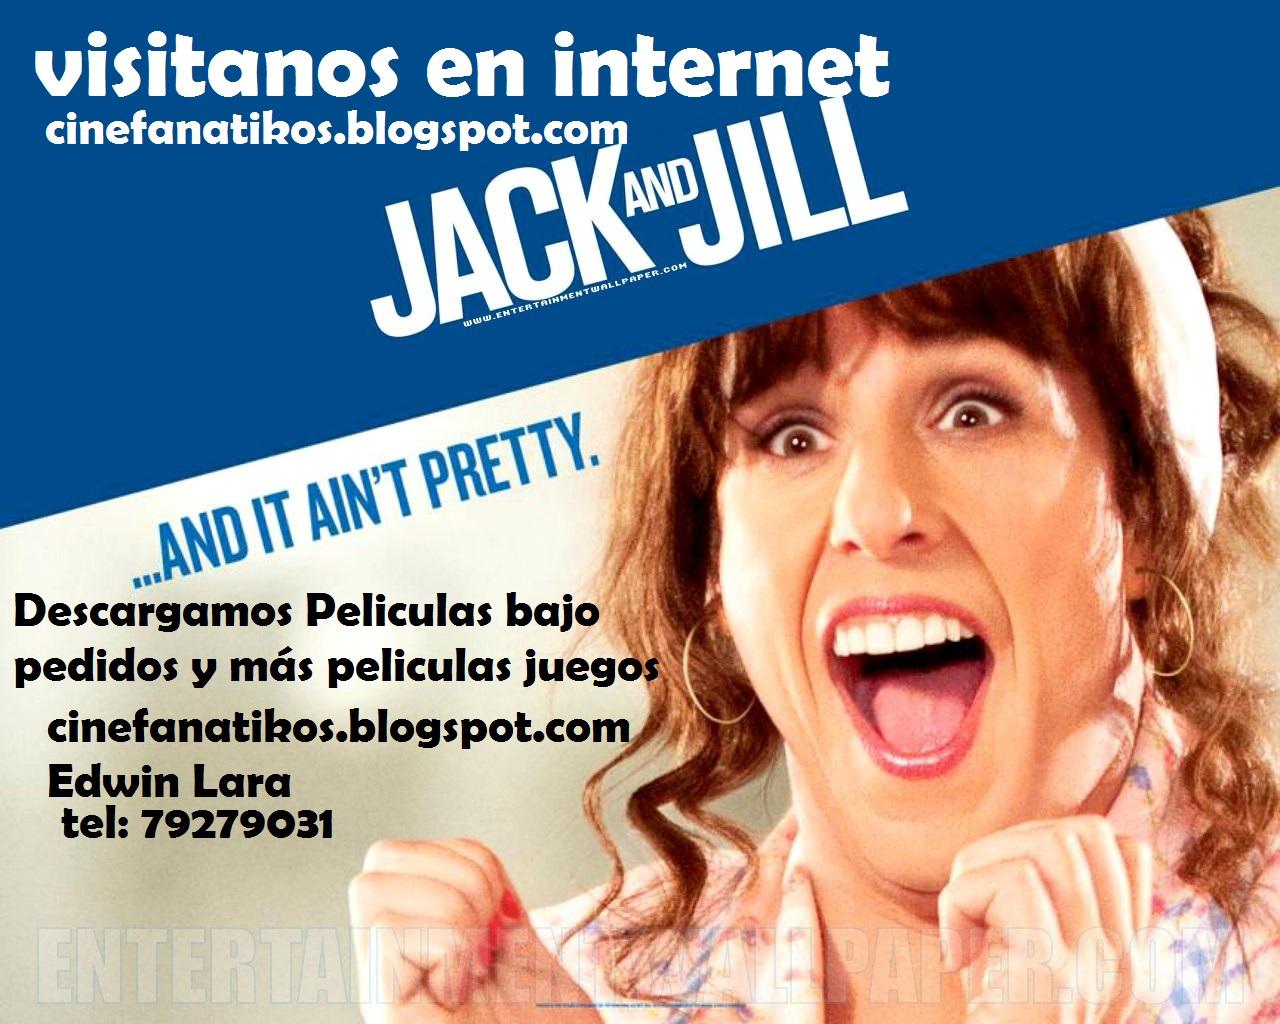 http://4.bp.blogspot.com/-r2kq_QXkgdk/T6FpasASVAI/AAAAAAAAAOE/oe4301O6CY4/s1600/jack-and-jill06.jpg